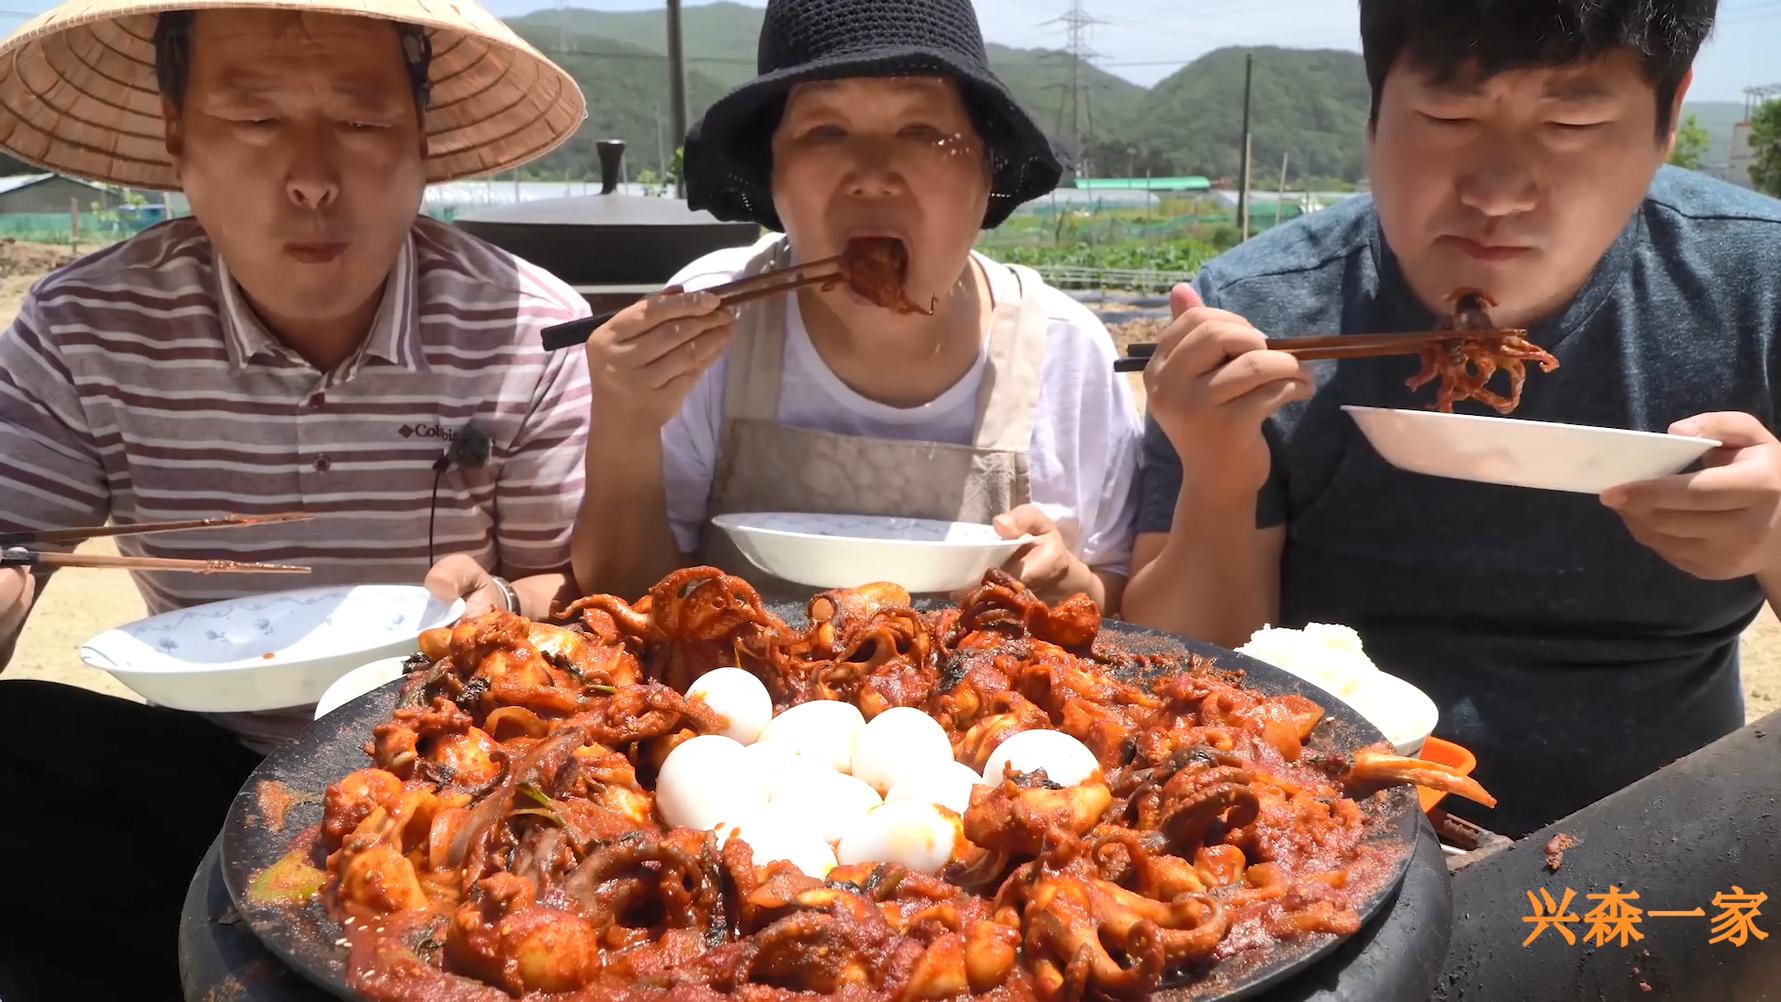 超辣味八爪鱼配上软糯的米饭,再咬一口鸡蛋,美味极了!